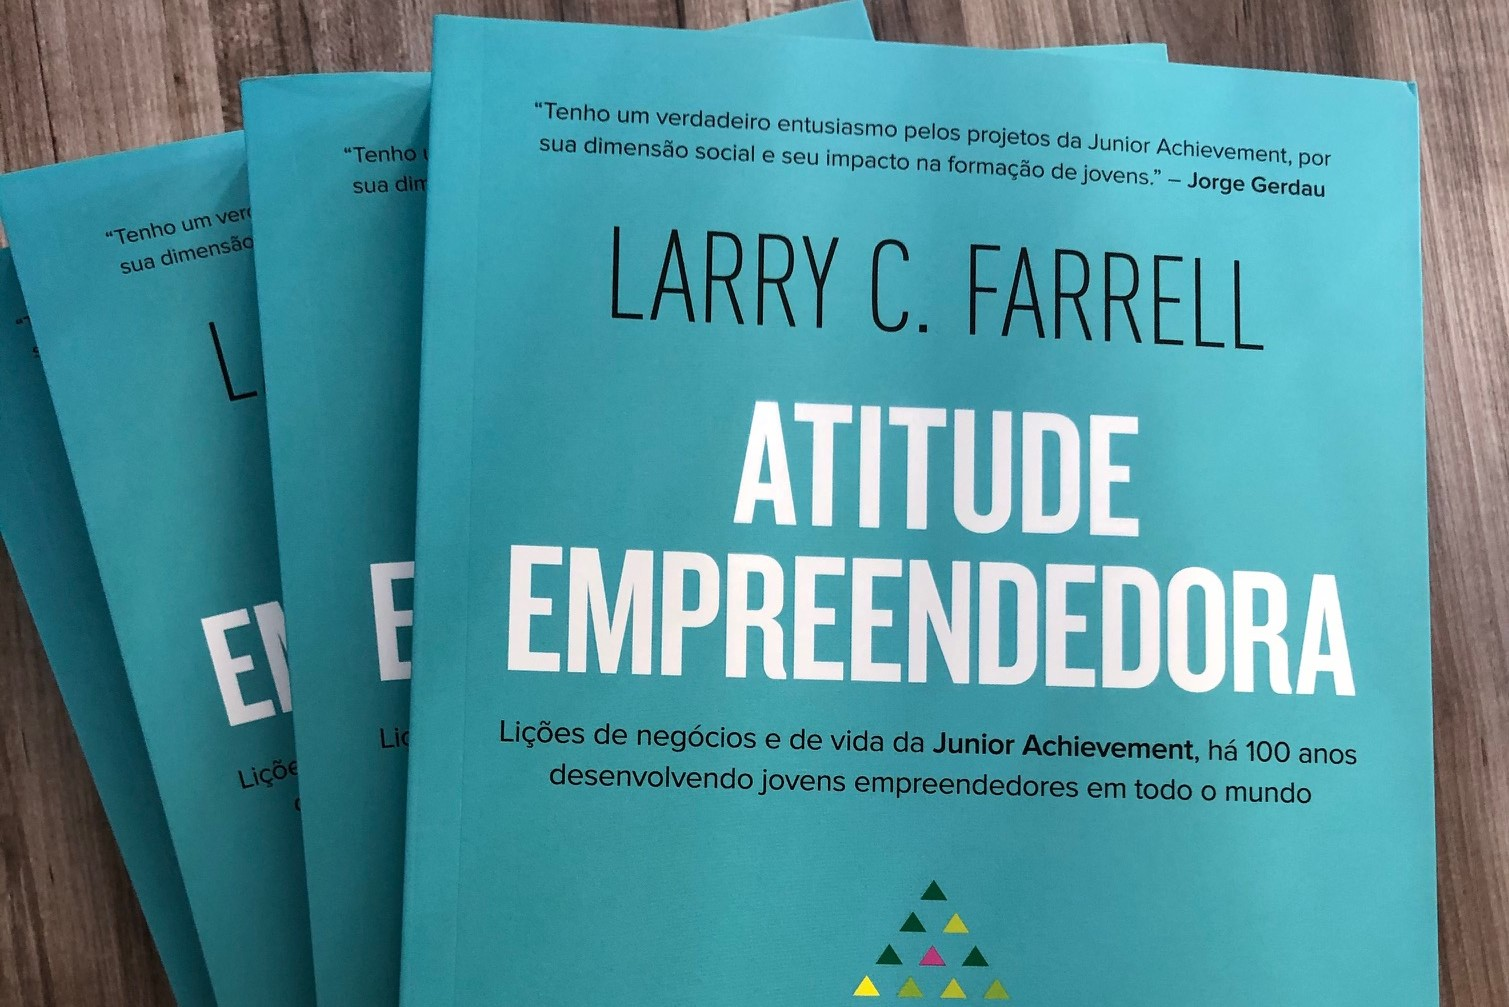 Livro Atitude empreendedora é lançado pela Junior Achievement